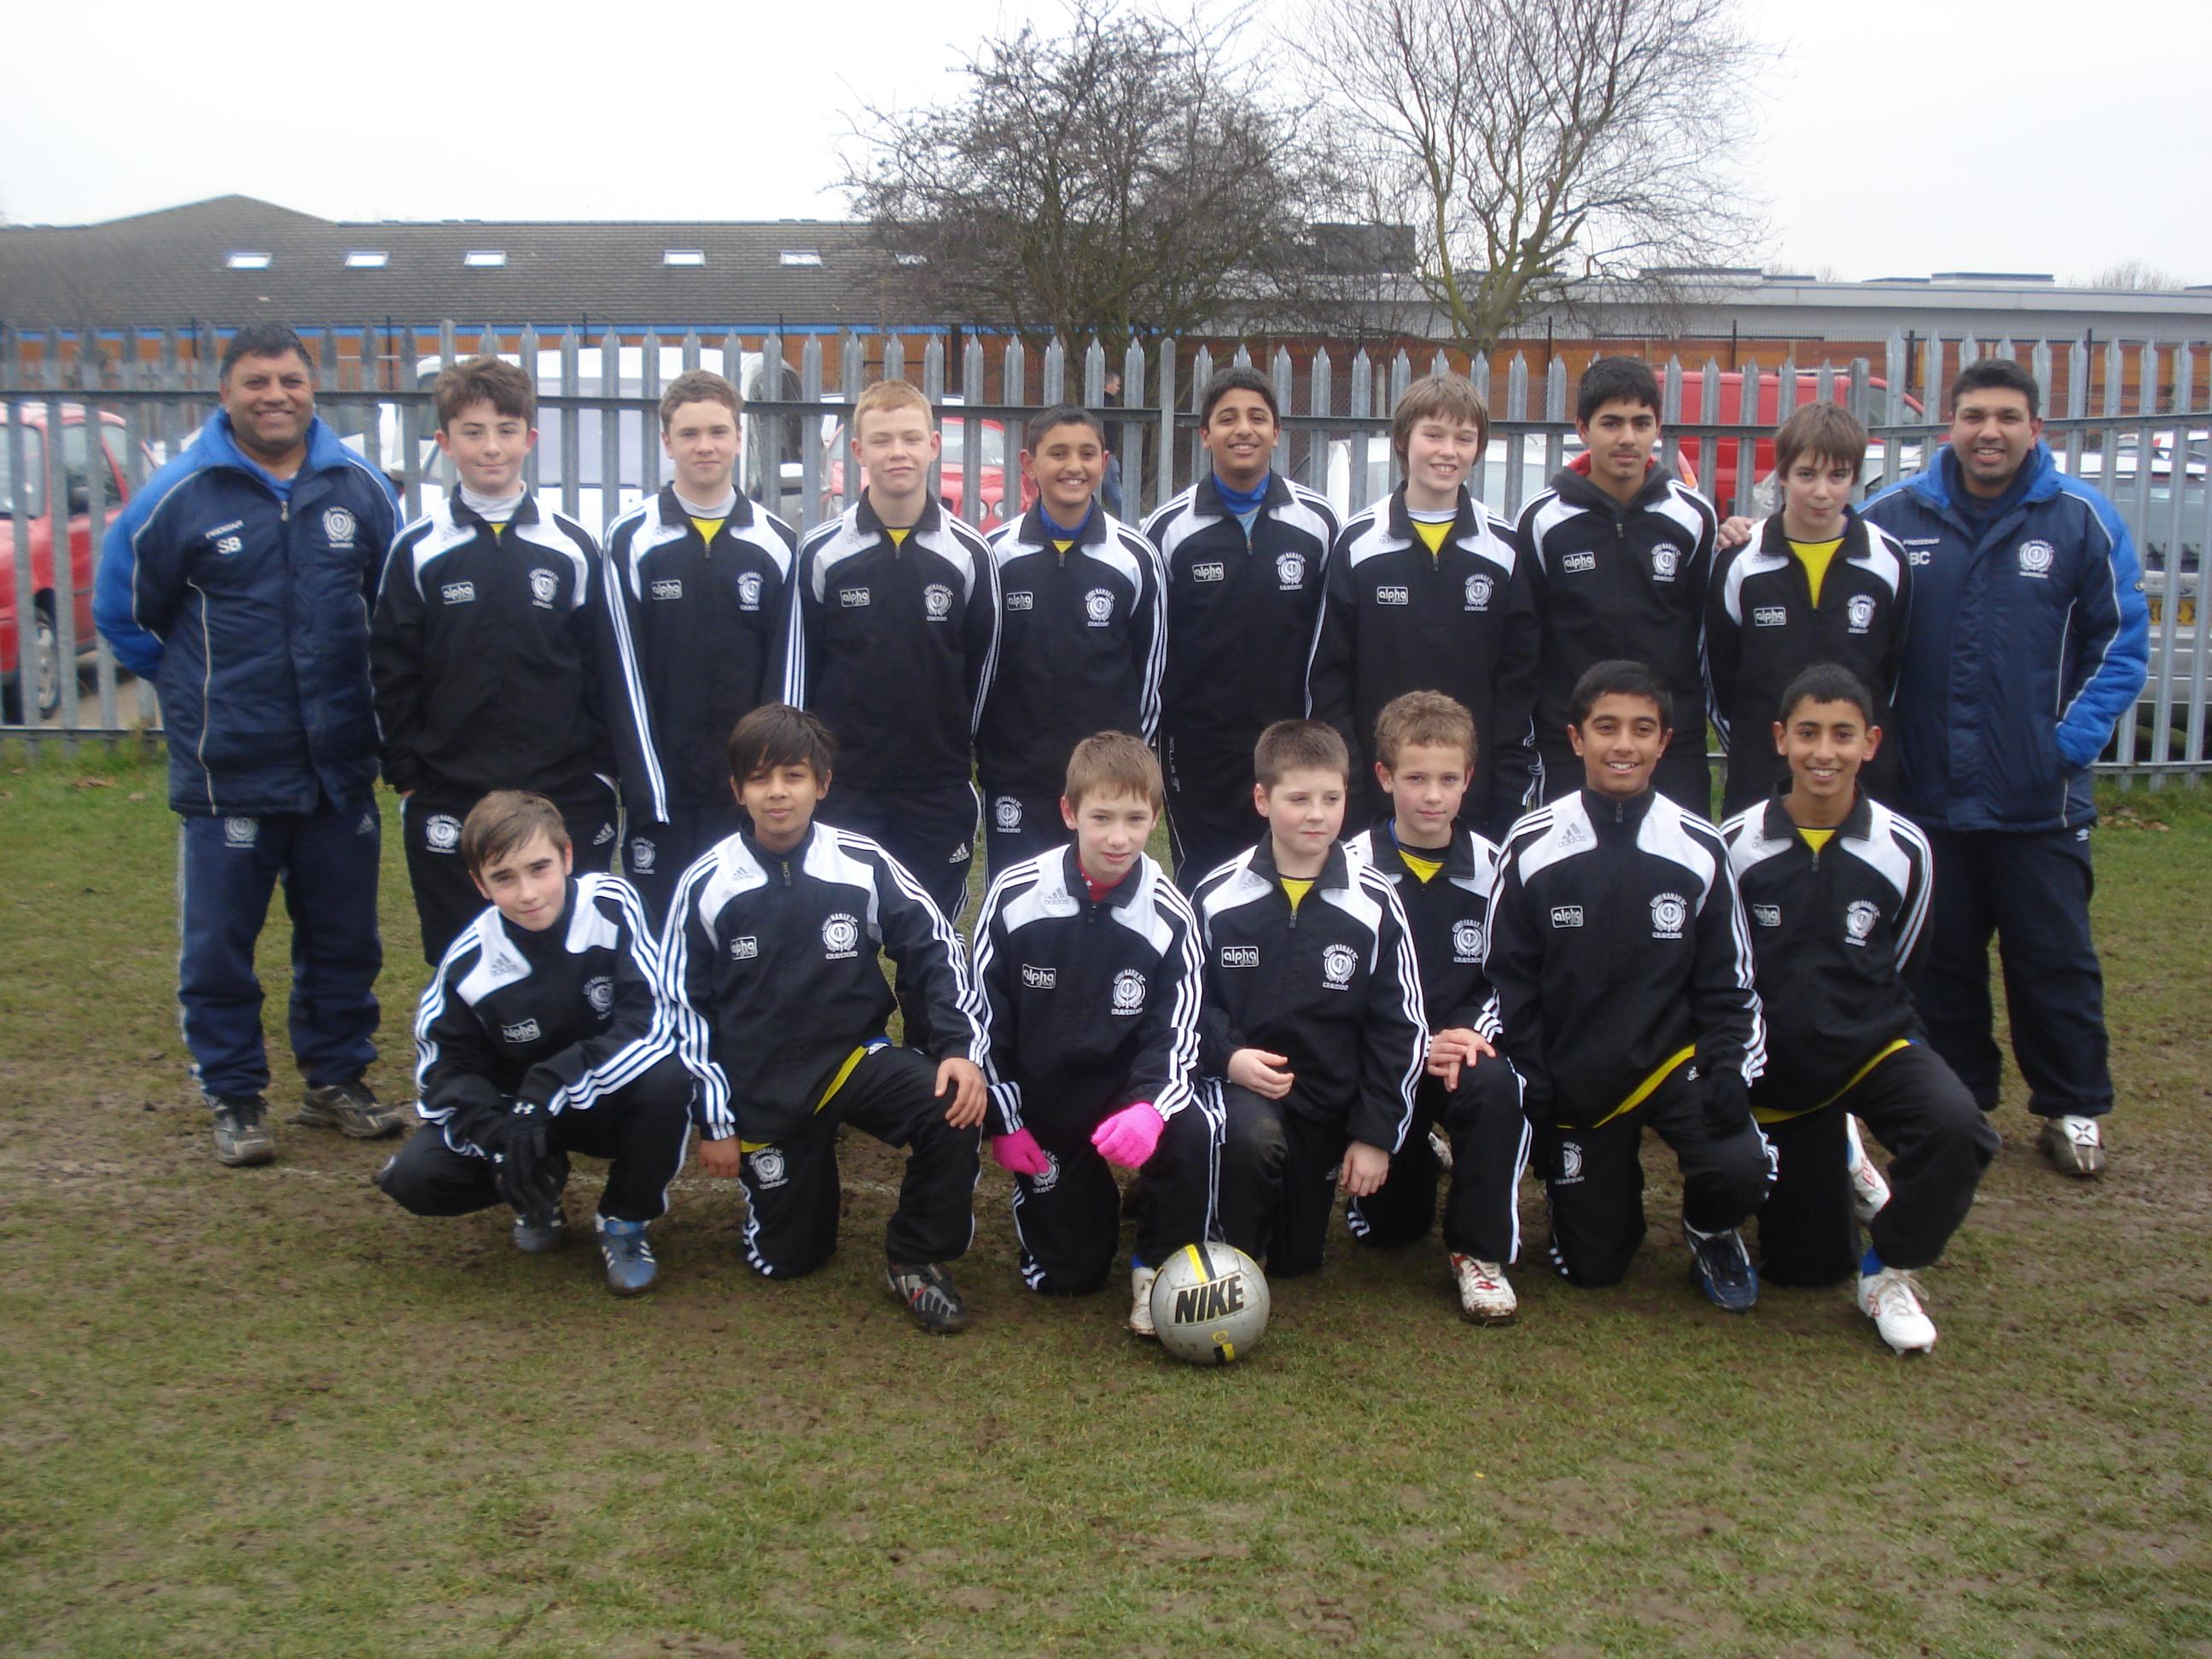 Under 13's Team Photo 2009-10